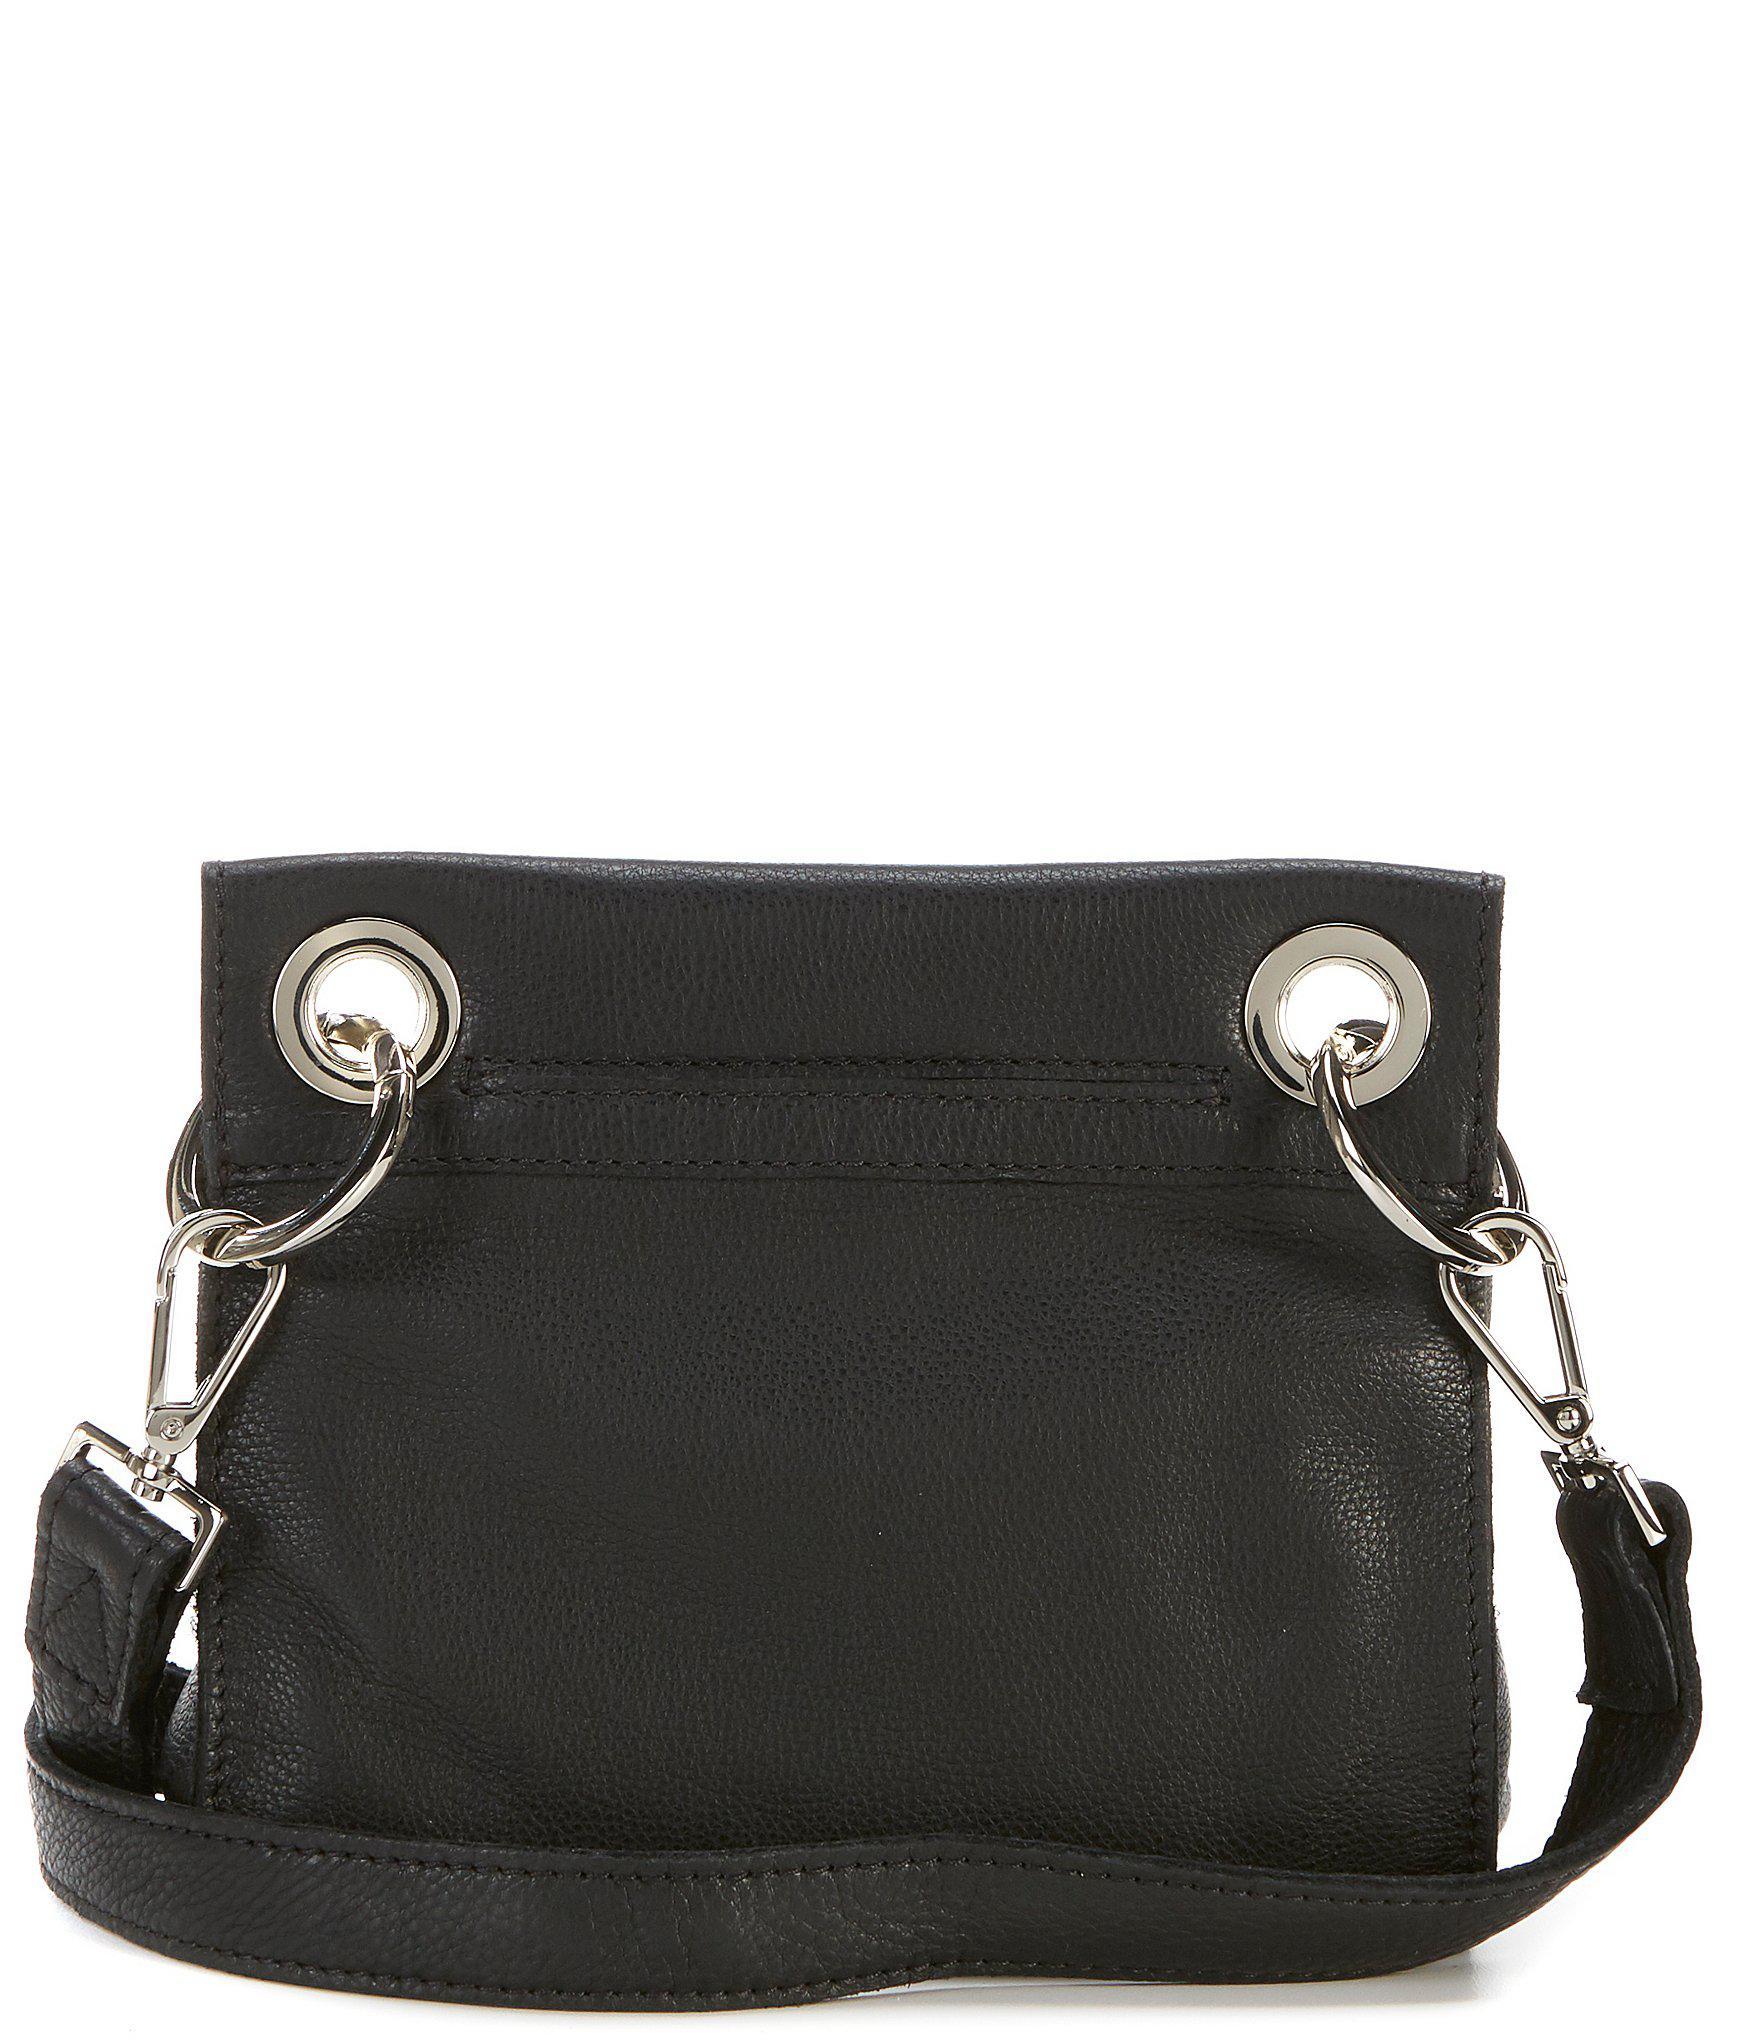 62b37c398872 Lyst - Hammitt Tony Grommet Studded Cross-body Bag in Black